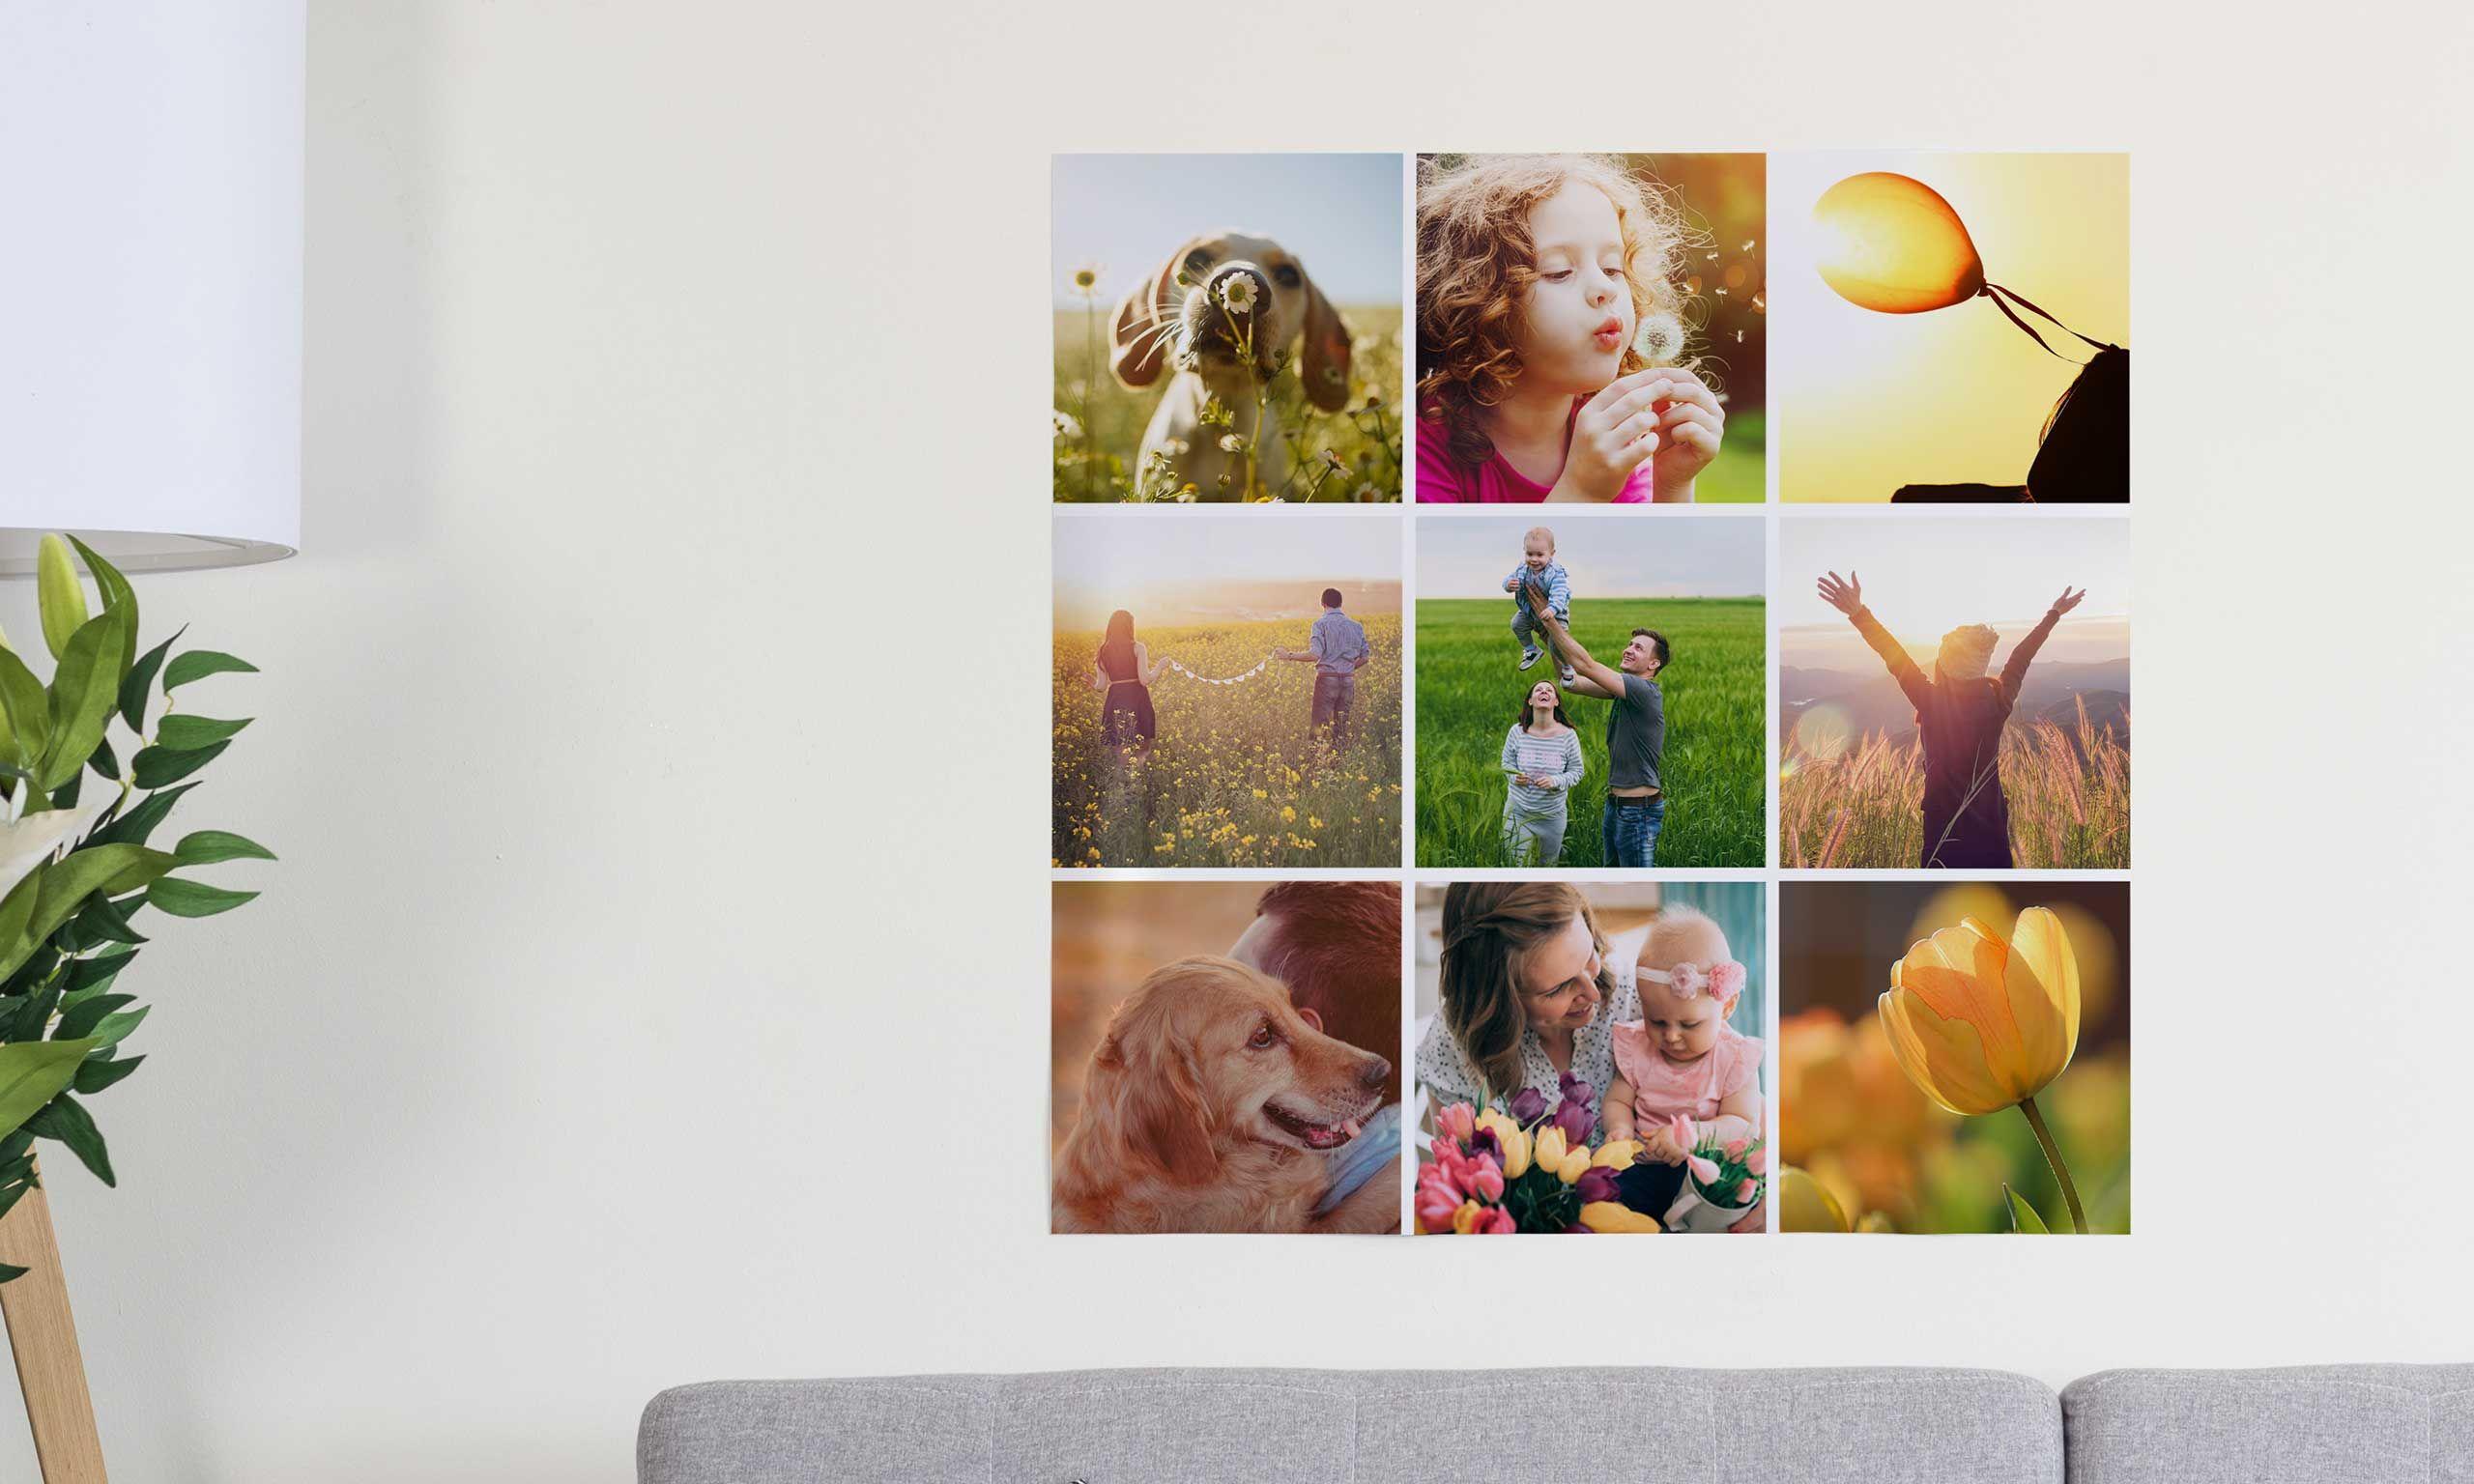 viele fotos zusammen auf einem bild eine collage macht es moglich bei posterxxl kann ein poster ganz einfach gestaltet werden mit bilder leinwand 160x40 schöne leinwände